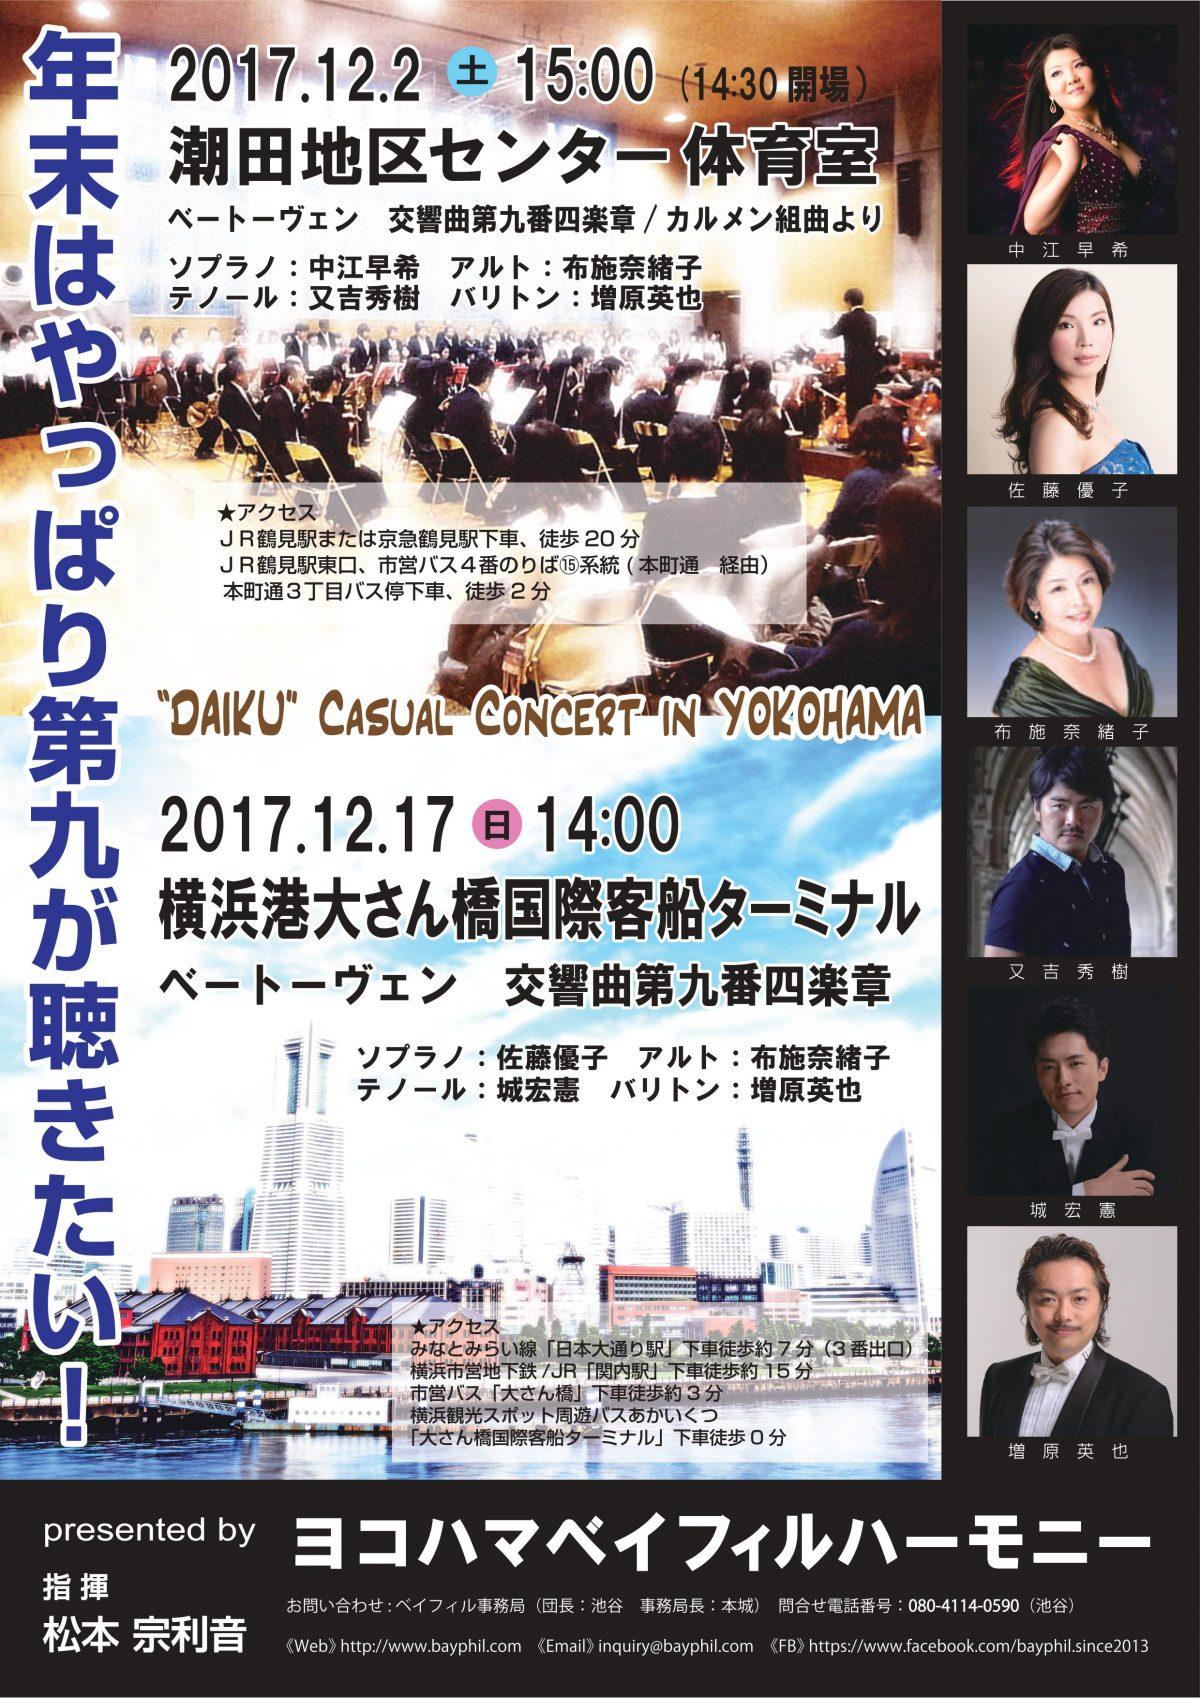 ヨコハマベイフィルハーモニー 大さん橋第九コンサート